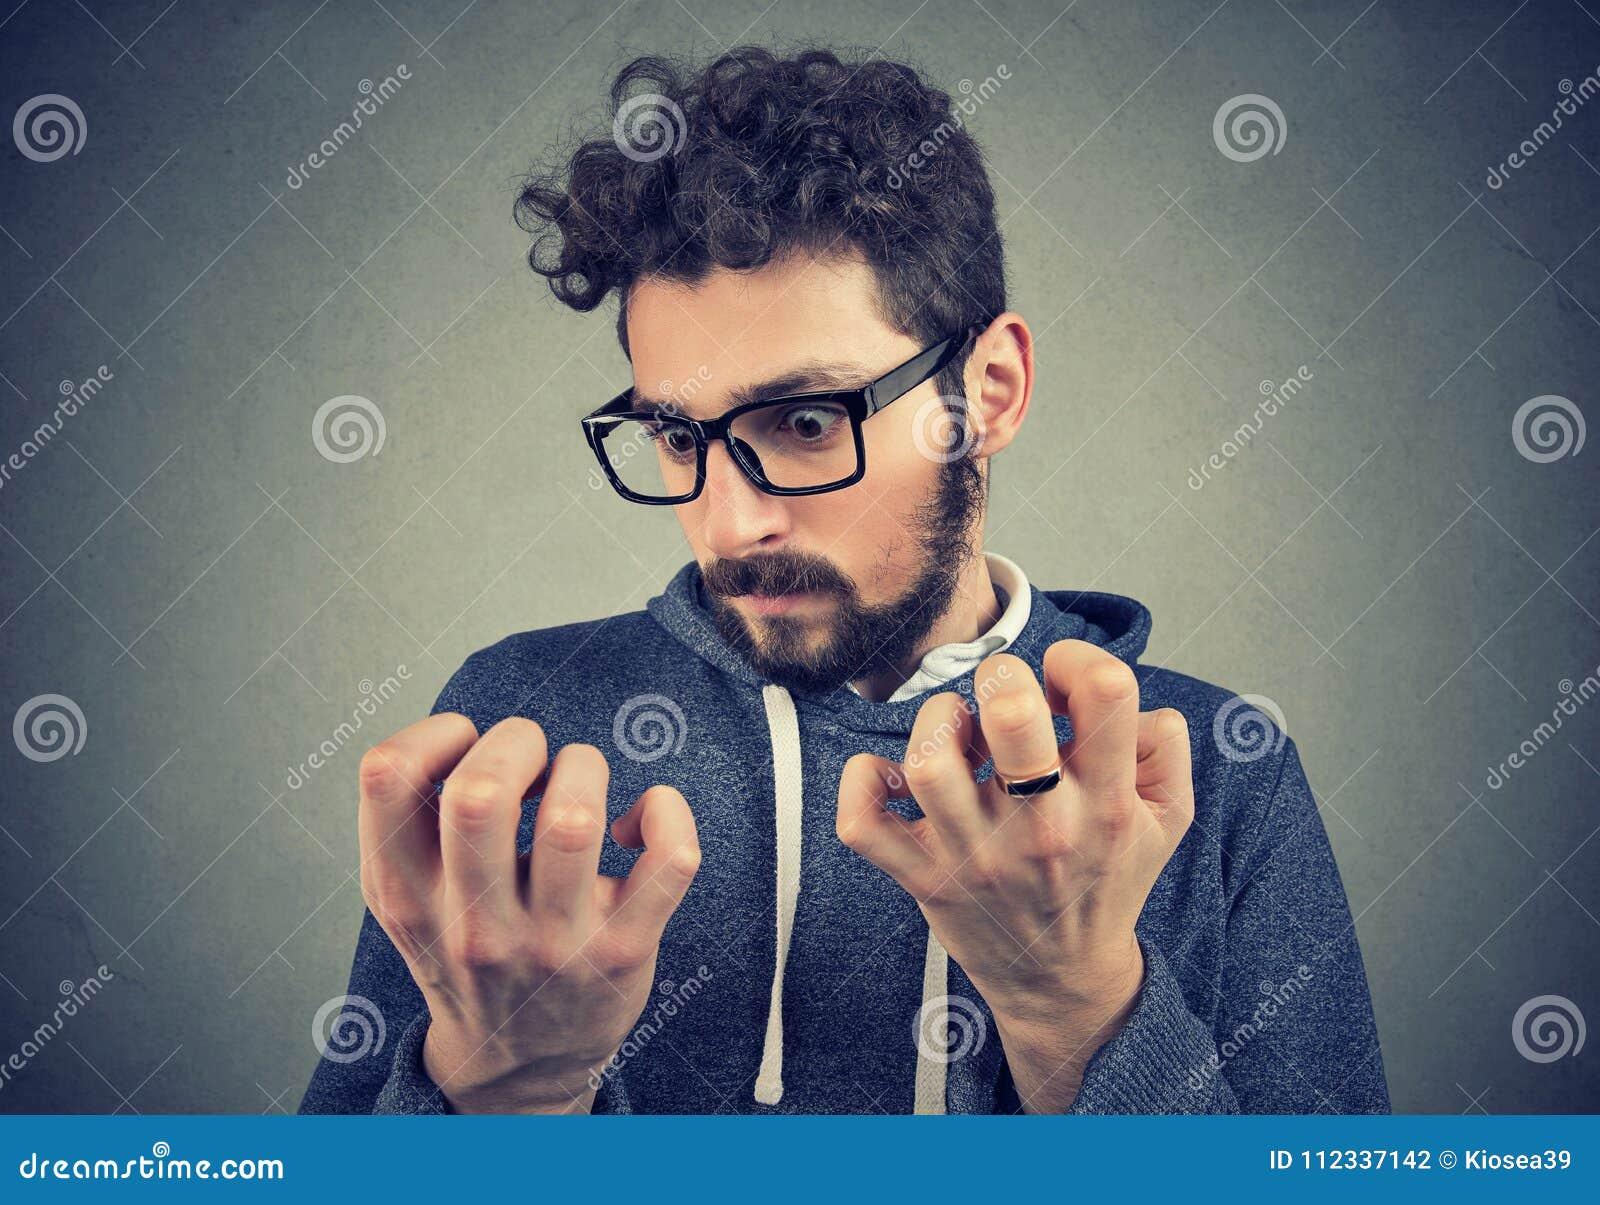 Mężczyzna z obsesyjnie kompulsywnego nieładu rekonesansową czystością ręki